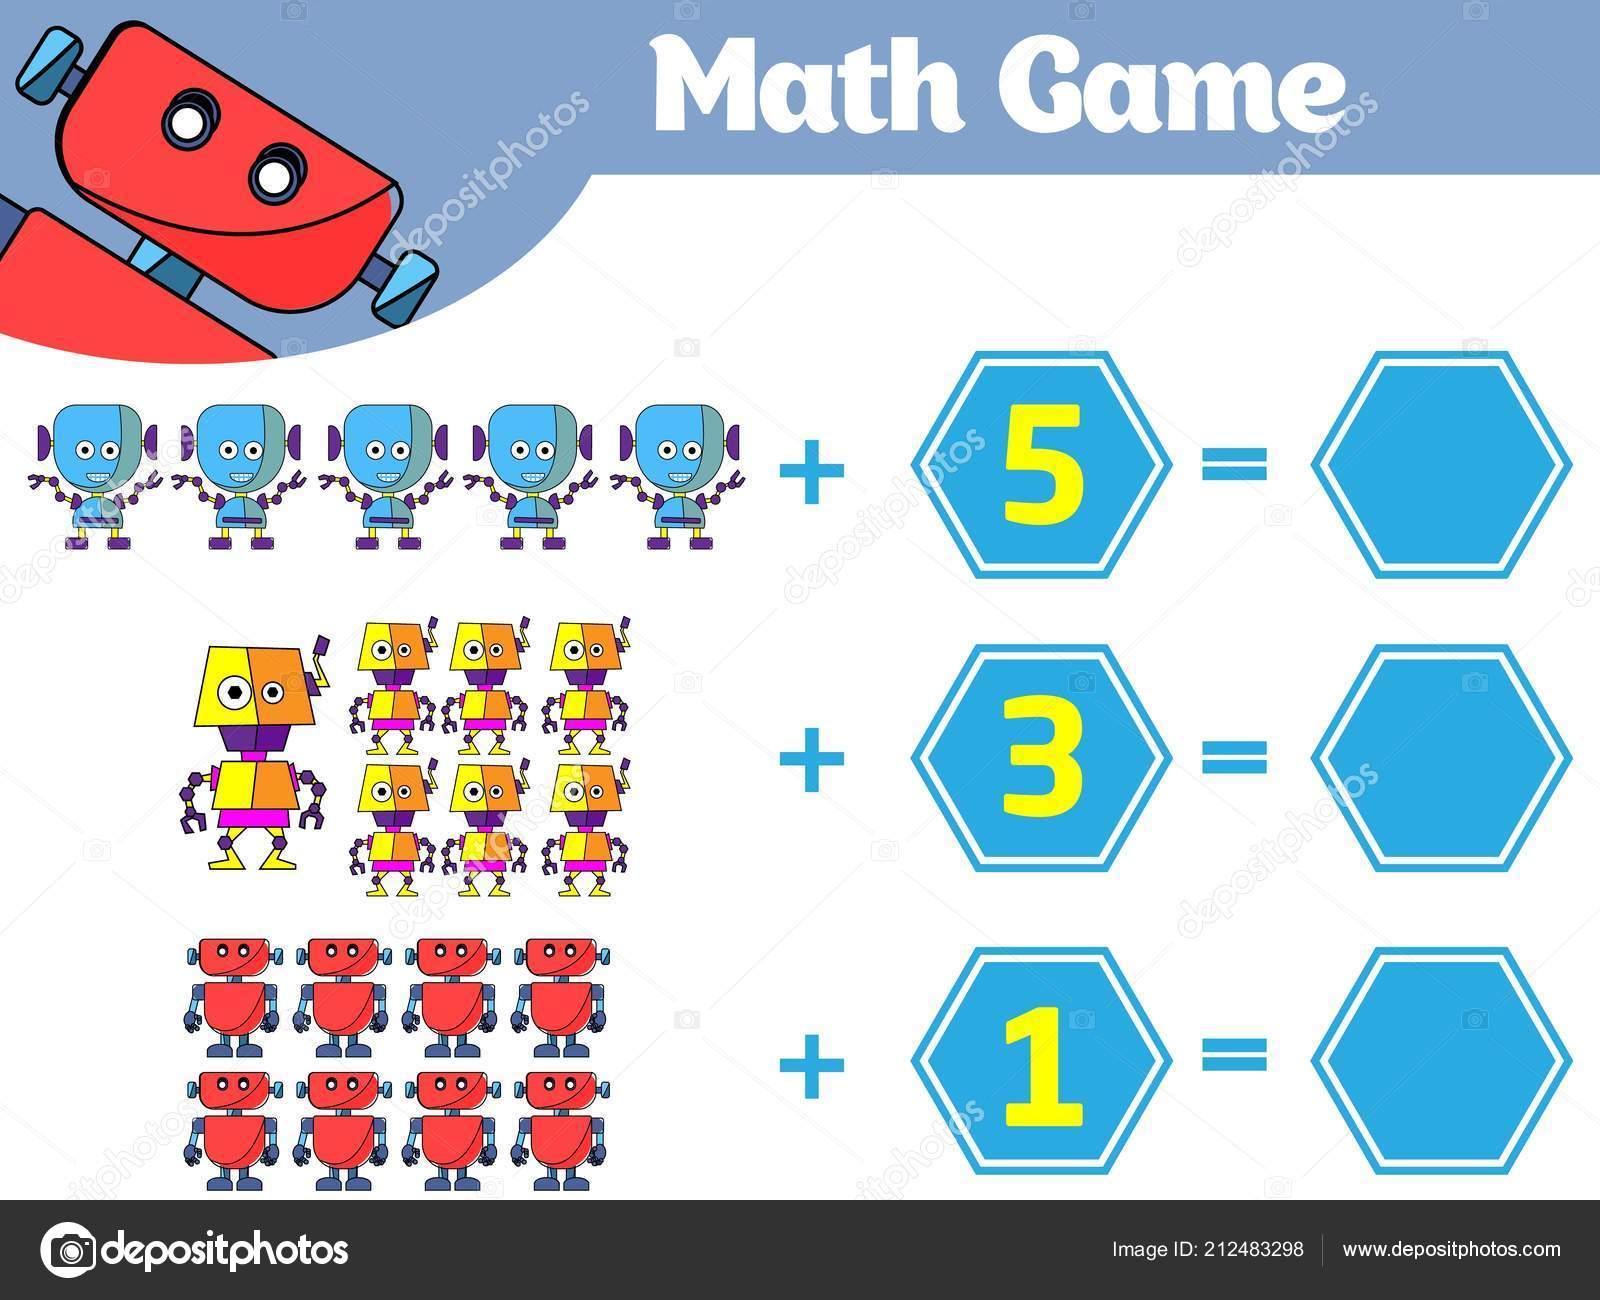 Cocuklar Icin Matematik Egitici Bir Oyun Cikarma Calisma Sayfasi